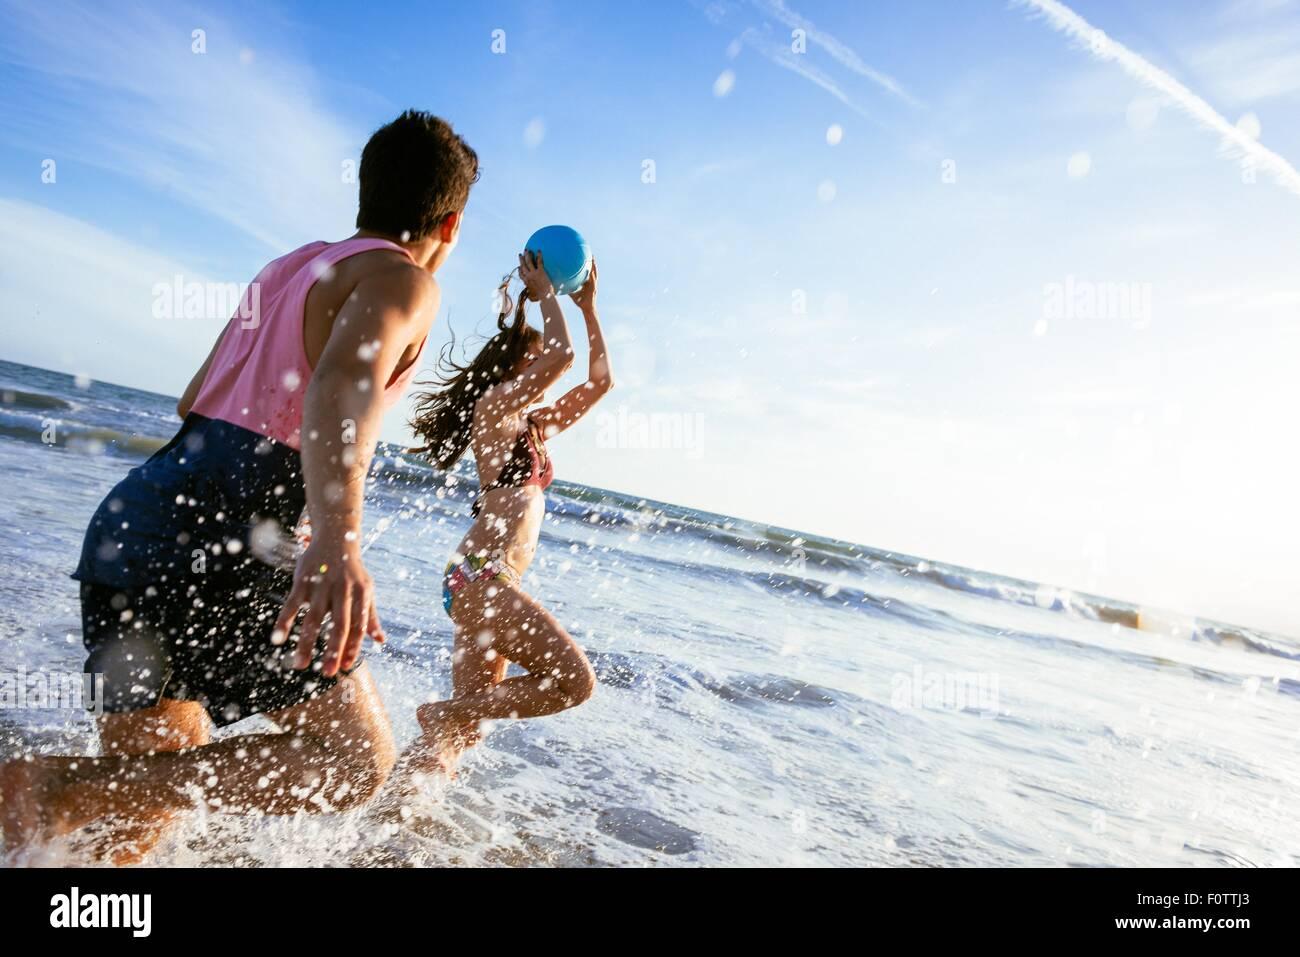 Coppia giovane ingannare intorno in mare Immagini Stock